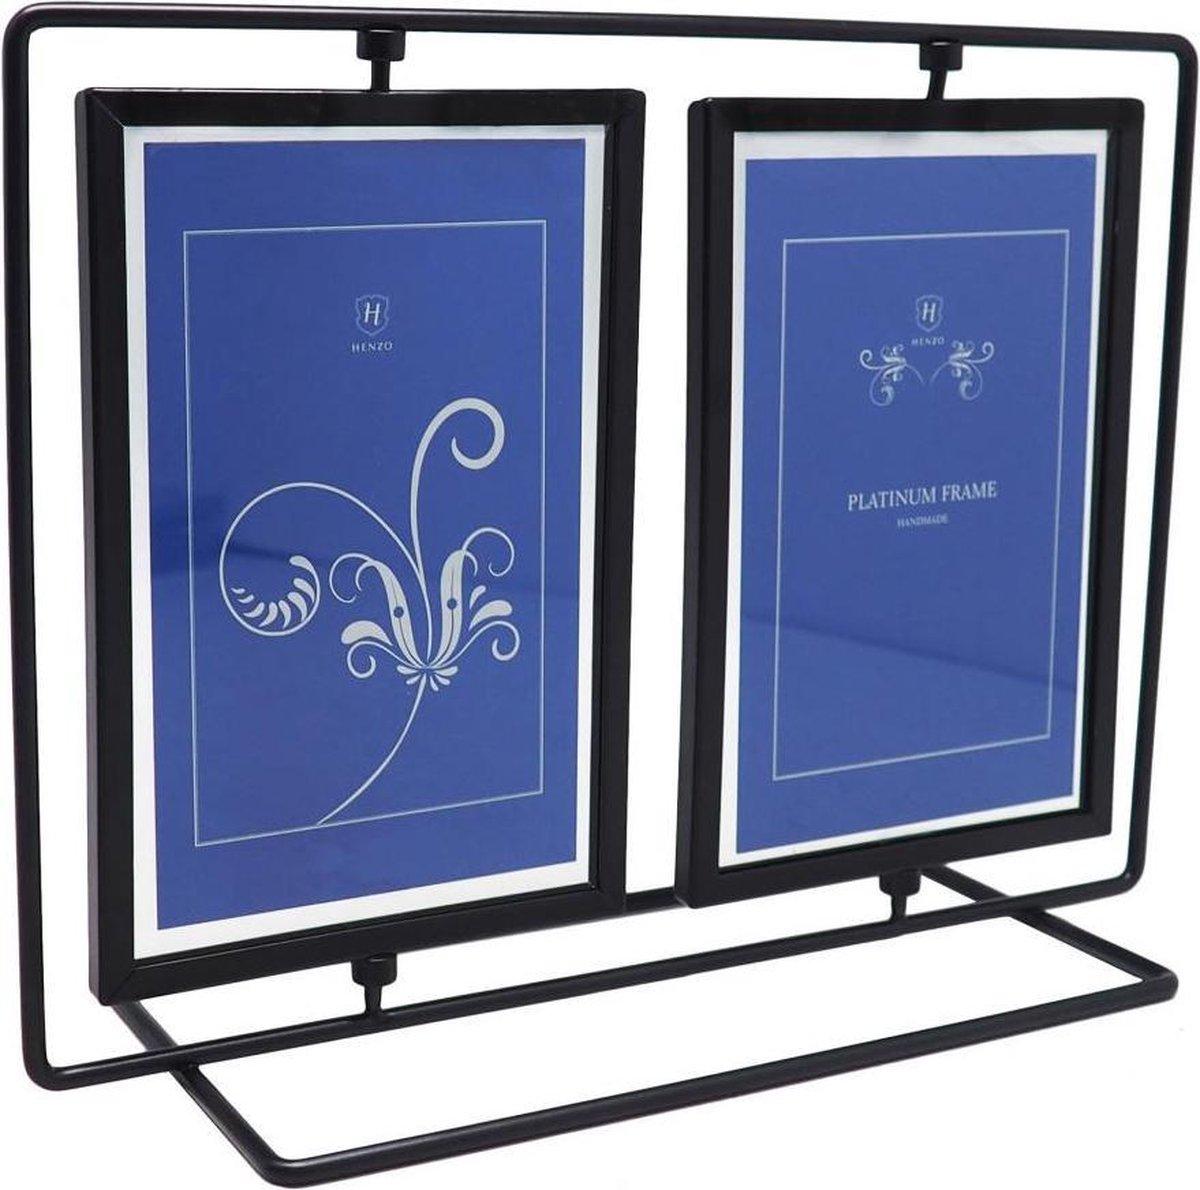 Fotolijst - Henzo - Platinum Double Swing - Collagelijst voor 2 foto's - Fotomaat 10x15 cm - Zwart